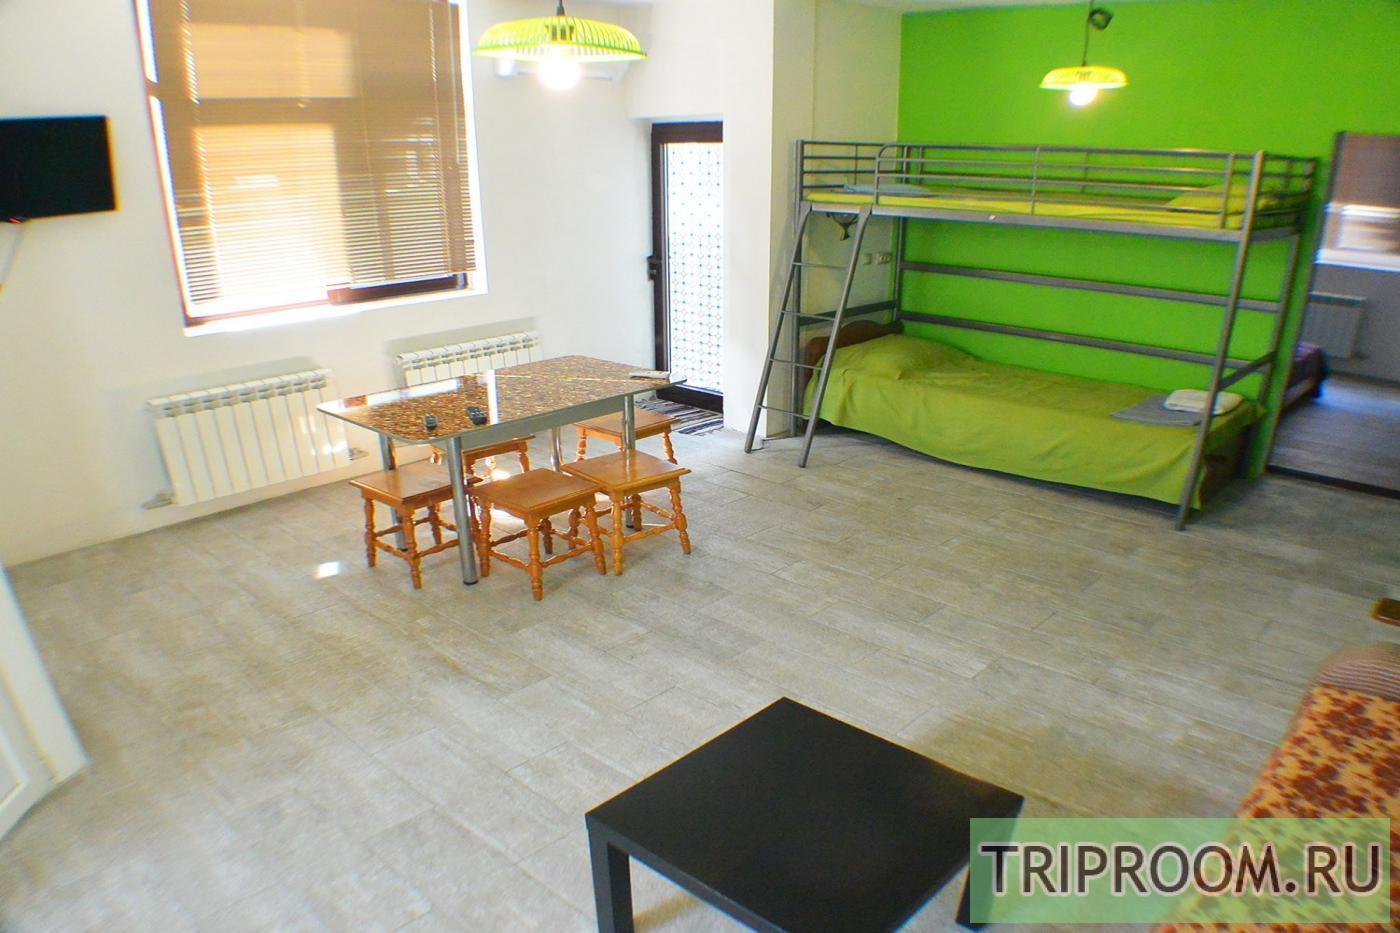 2-комнатная квартира посуточно (вариант № 26983), ул. 8-е марта улица, фото № 13